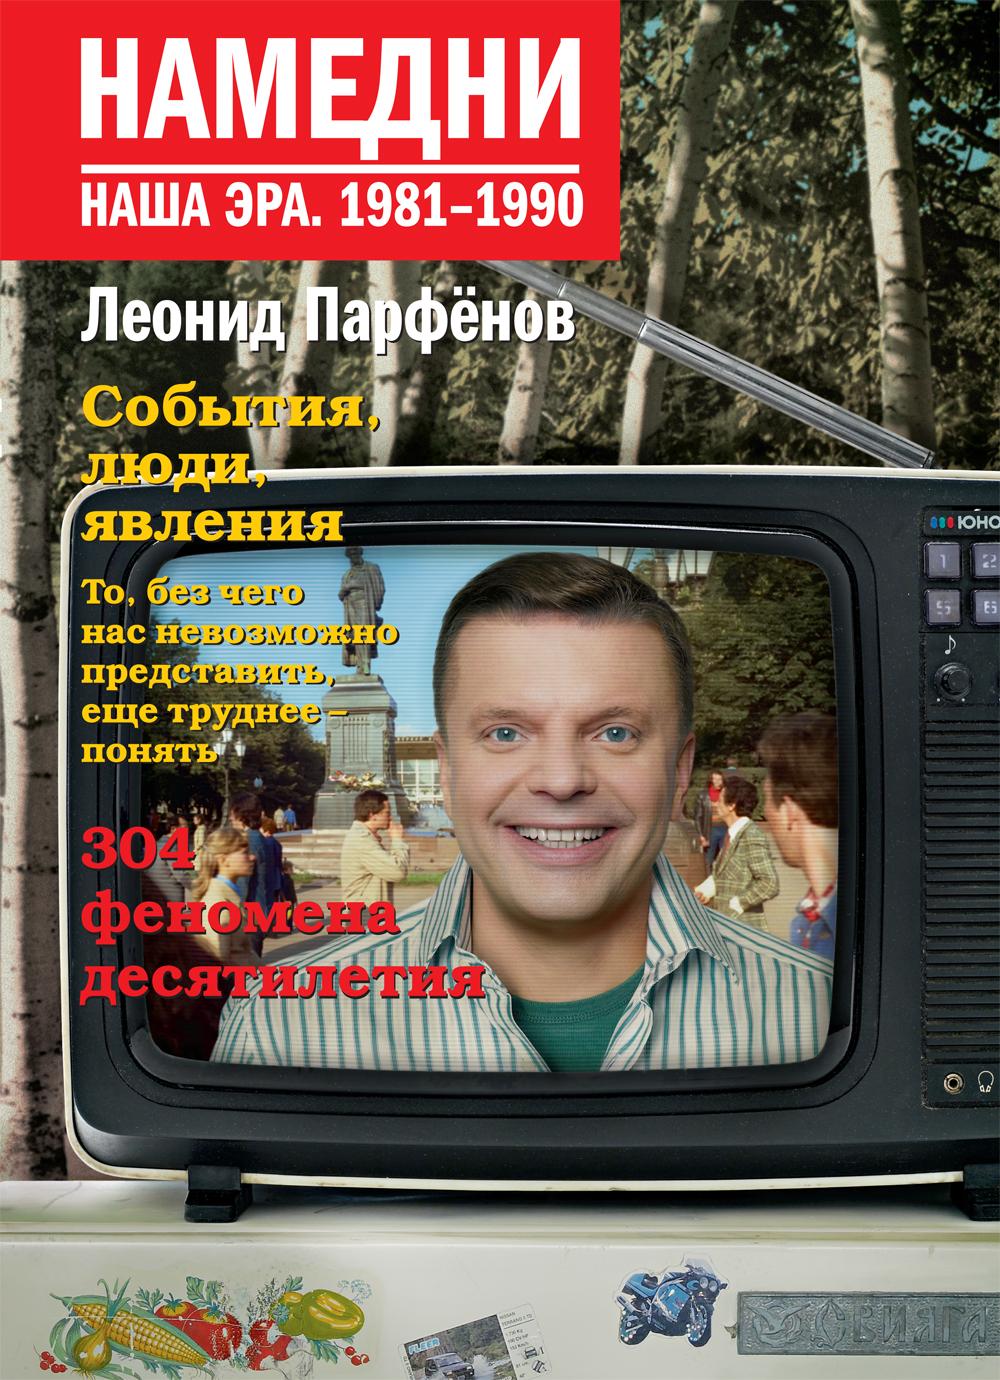 Леонид Парфёнов. Намедни. Наша эра. 1981- 1990